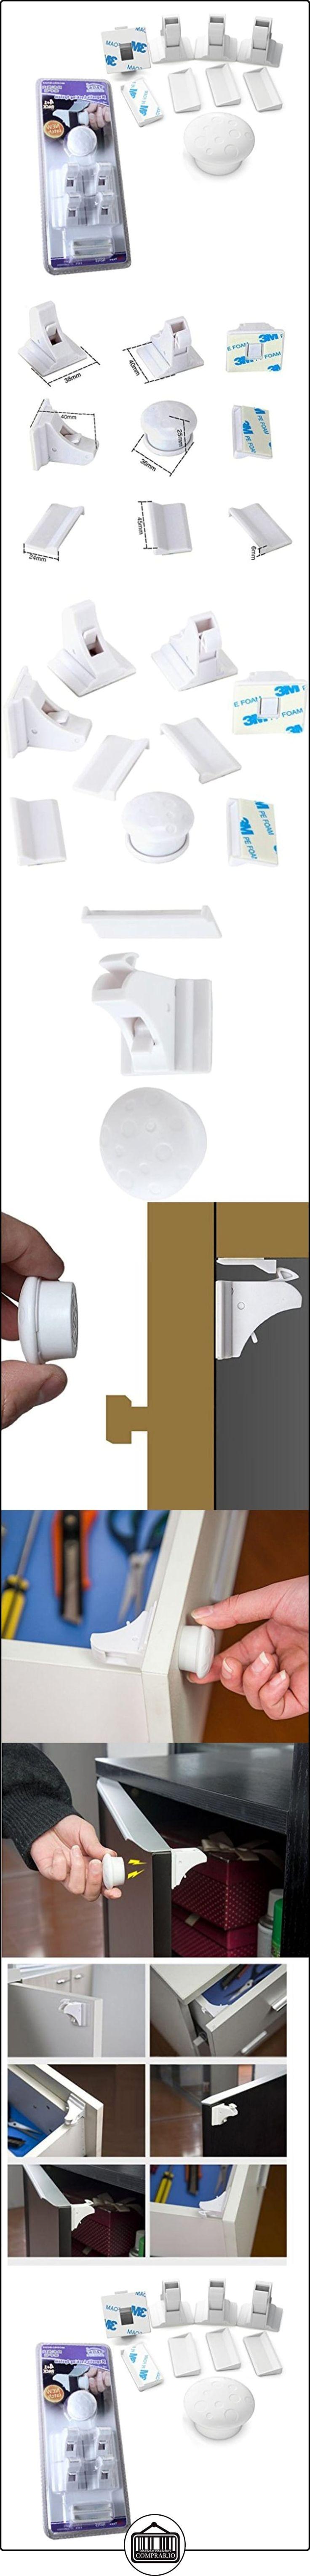 Halovie Bloqueo Magnético de seguridad para Bebés y Niños. Cierre Magnético de seguridad para armarios, estantes, gabinetes y cajones a prueba de niños y bebés. (4 cerraduras y 1 llaves)  ✿ Seguridad para tu bebé - (Protege a tus hijos) ✿ ▬► Ver oferta: http://comprar.io/goto/B01MDLEPM5